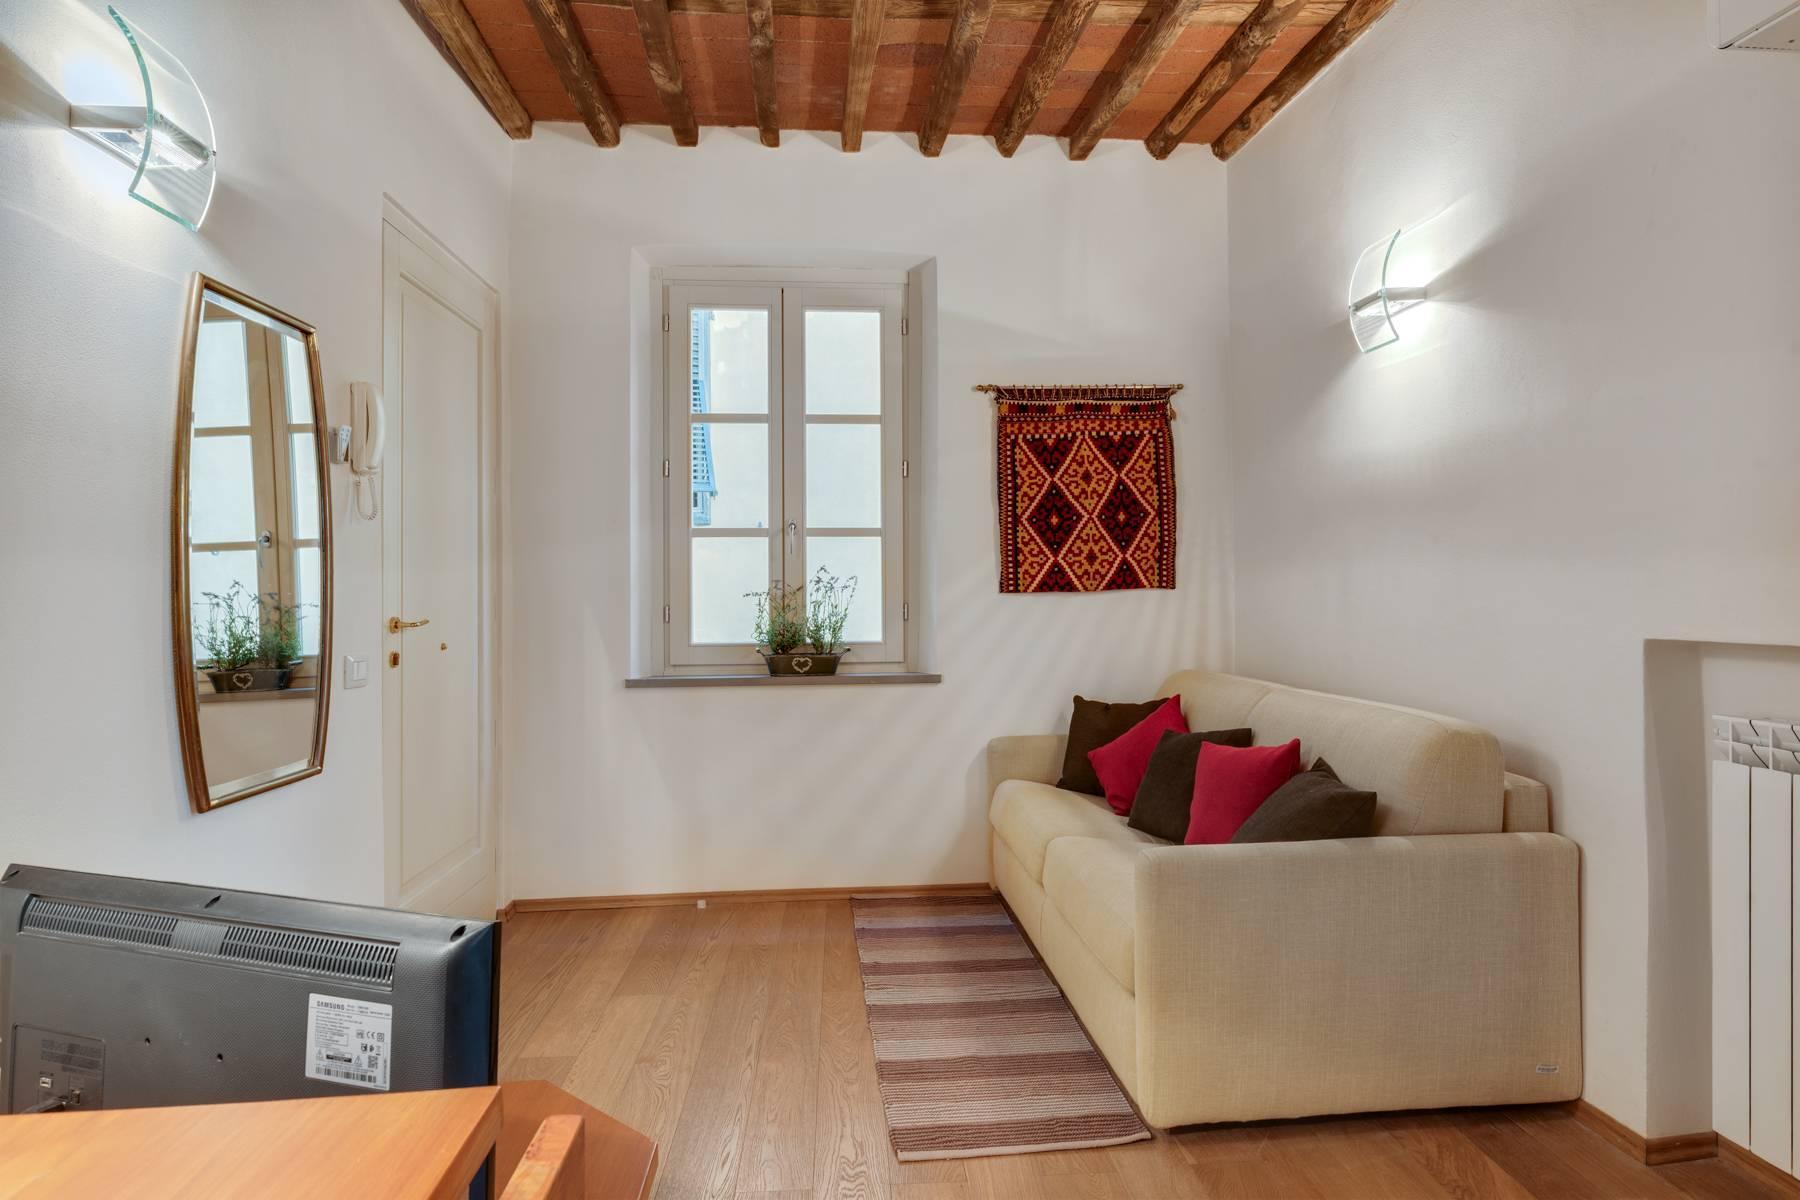 Grazioso appartamento indipendente nel cuore di Lucca - 15